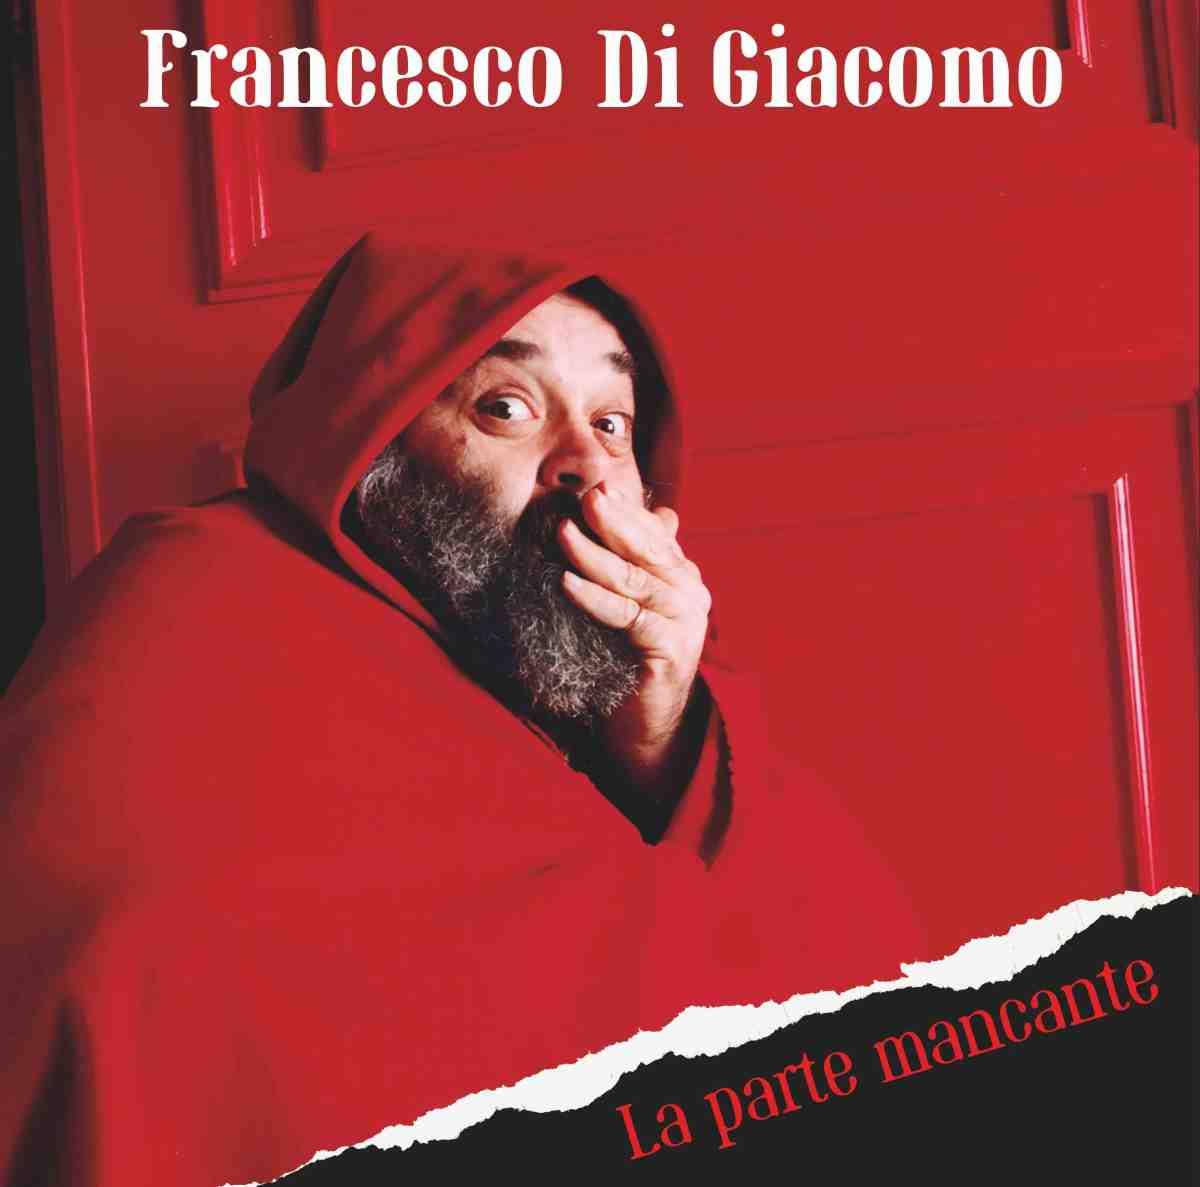 Francesco Di Giacomo - La parte mancante (Prog Italia, 2019)